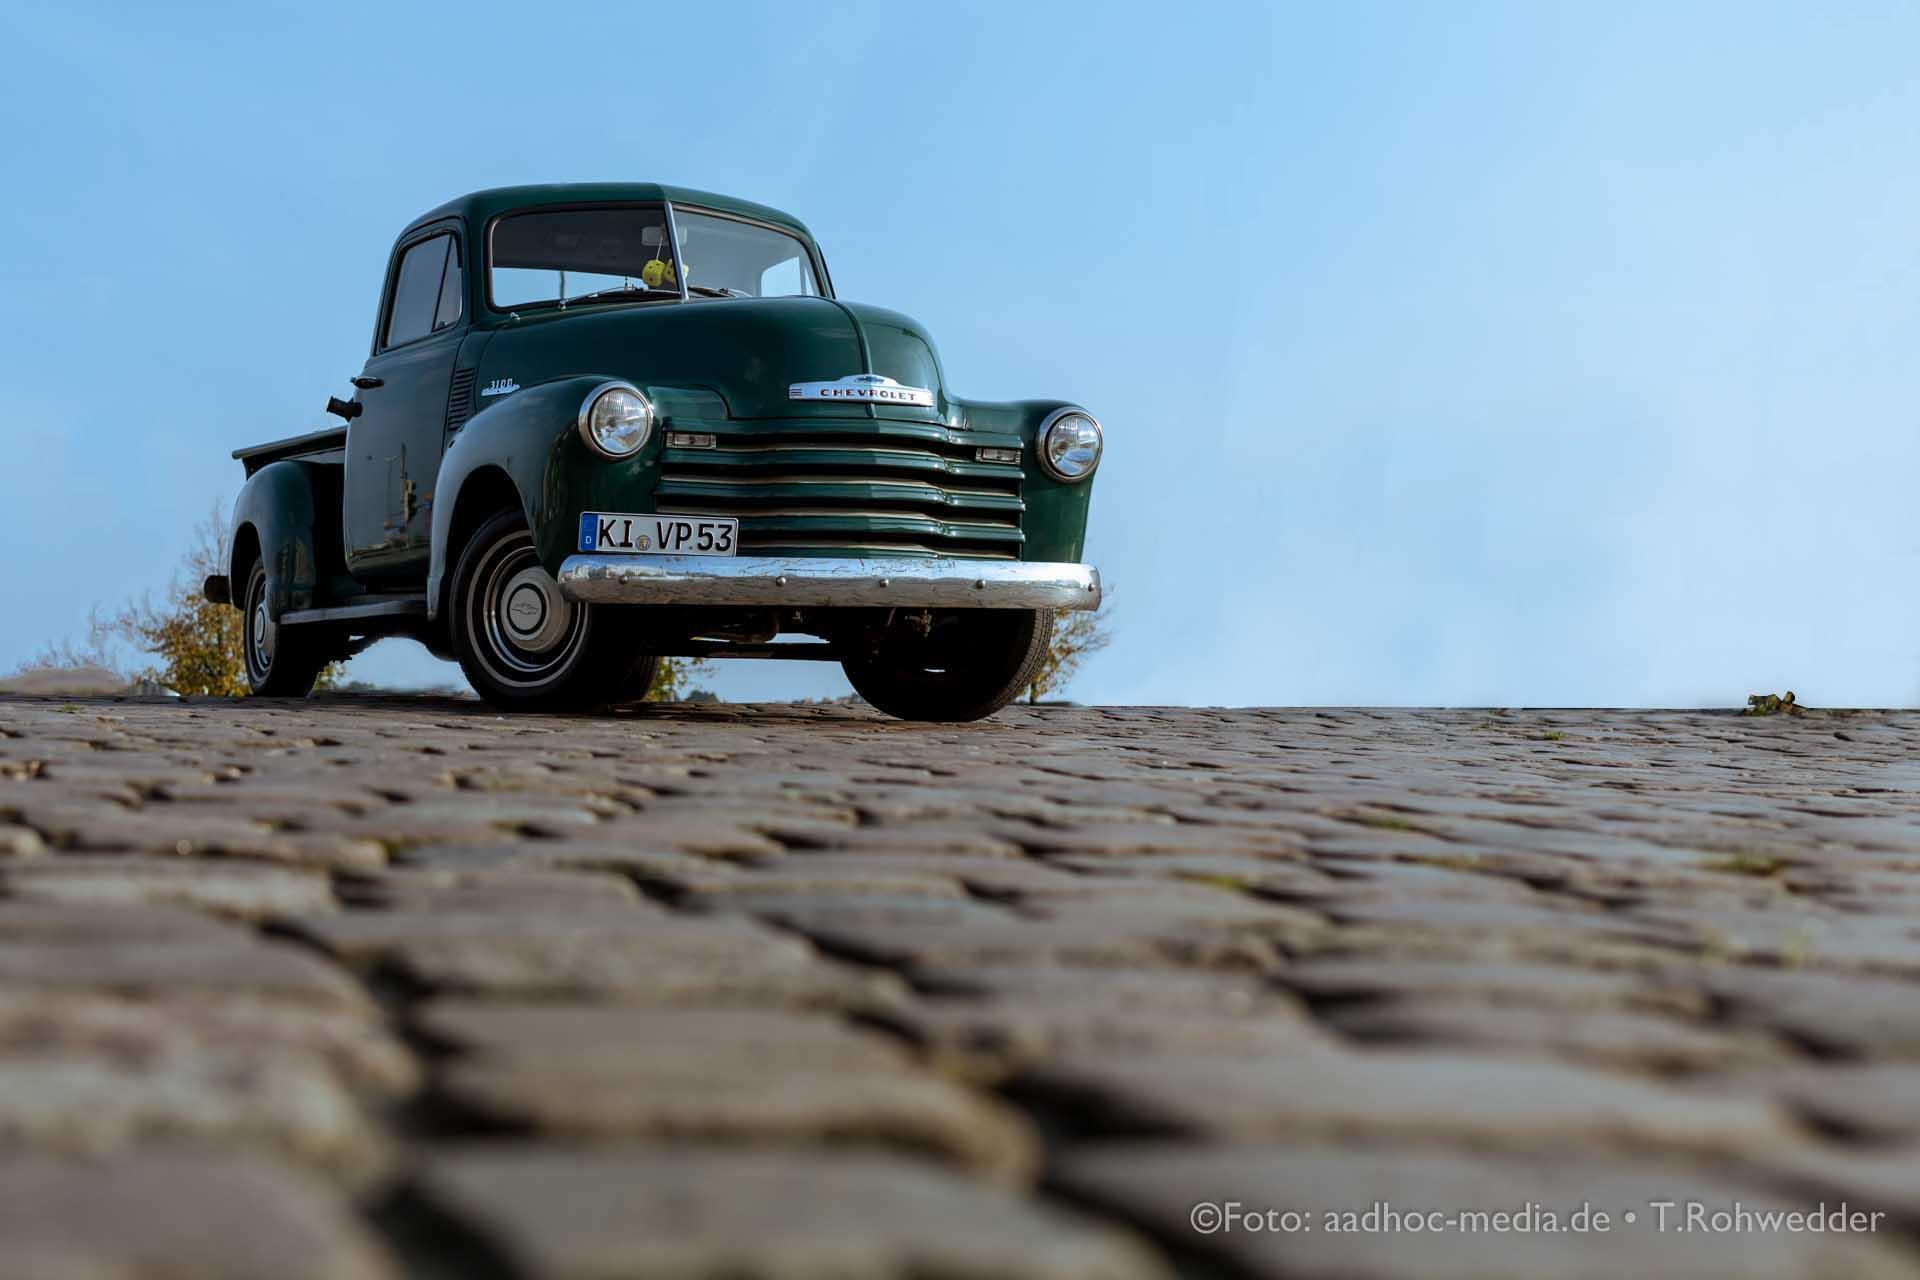 Oldtimer - Chevrolet 3100 - Bauern- und Regionalmarkt Kiel Besser als jede Hochzeitskutsche